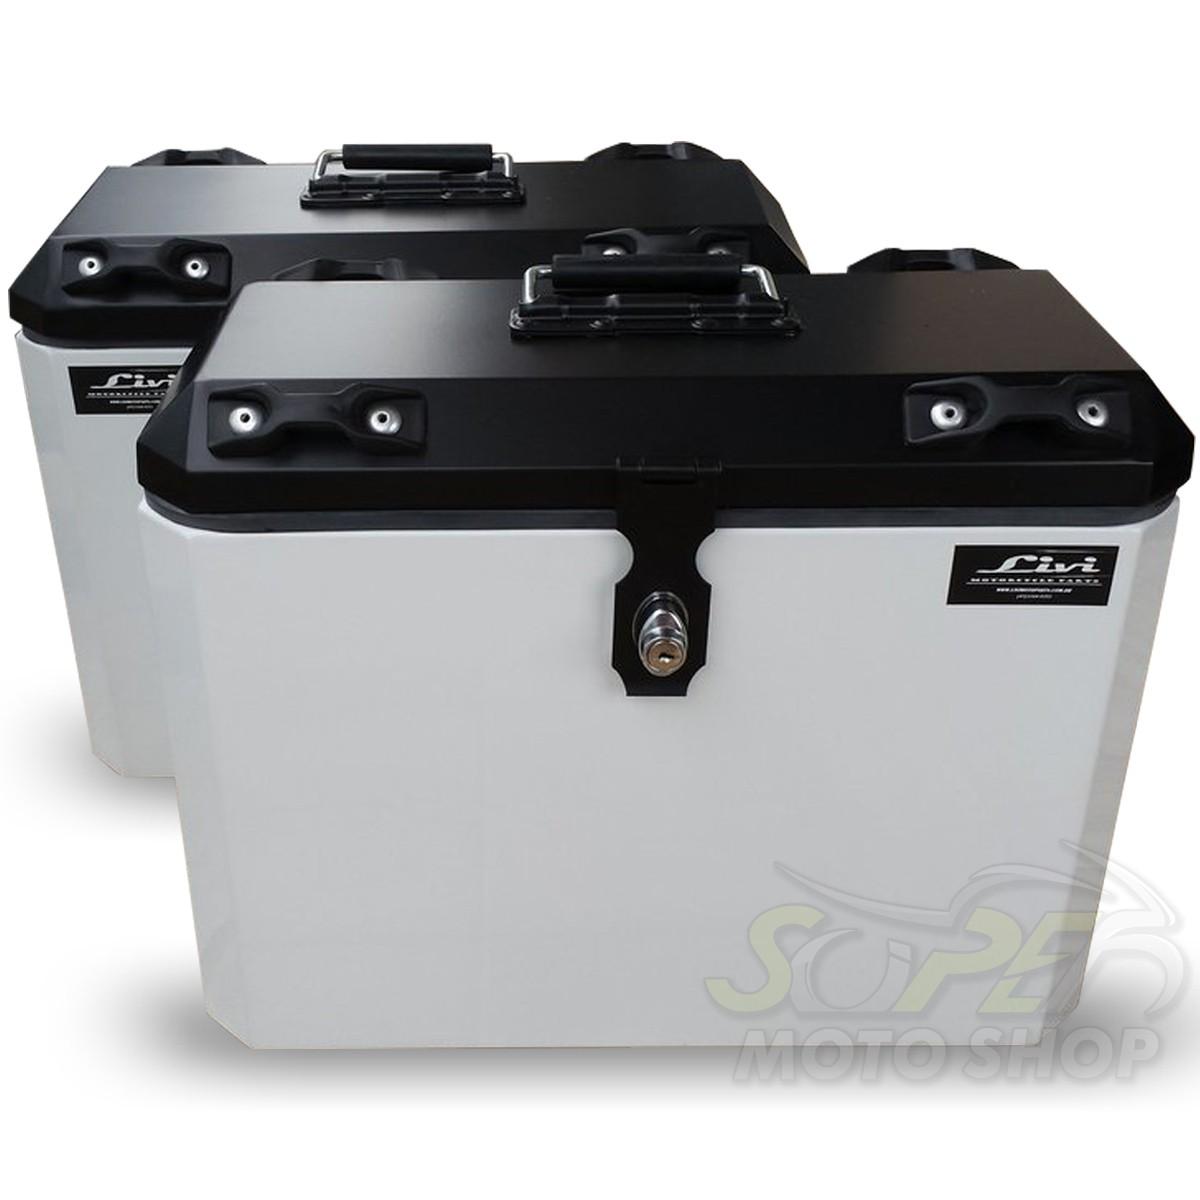 Bauletos / Baús Laterais / Side Case Modelo Livi 35 Litros PAR + Suporte Lateral - Versys 650 2015 em Diante - Kawasaki